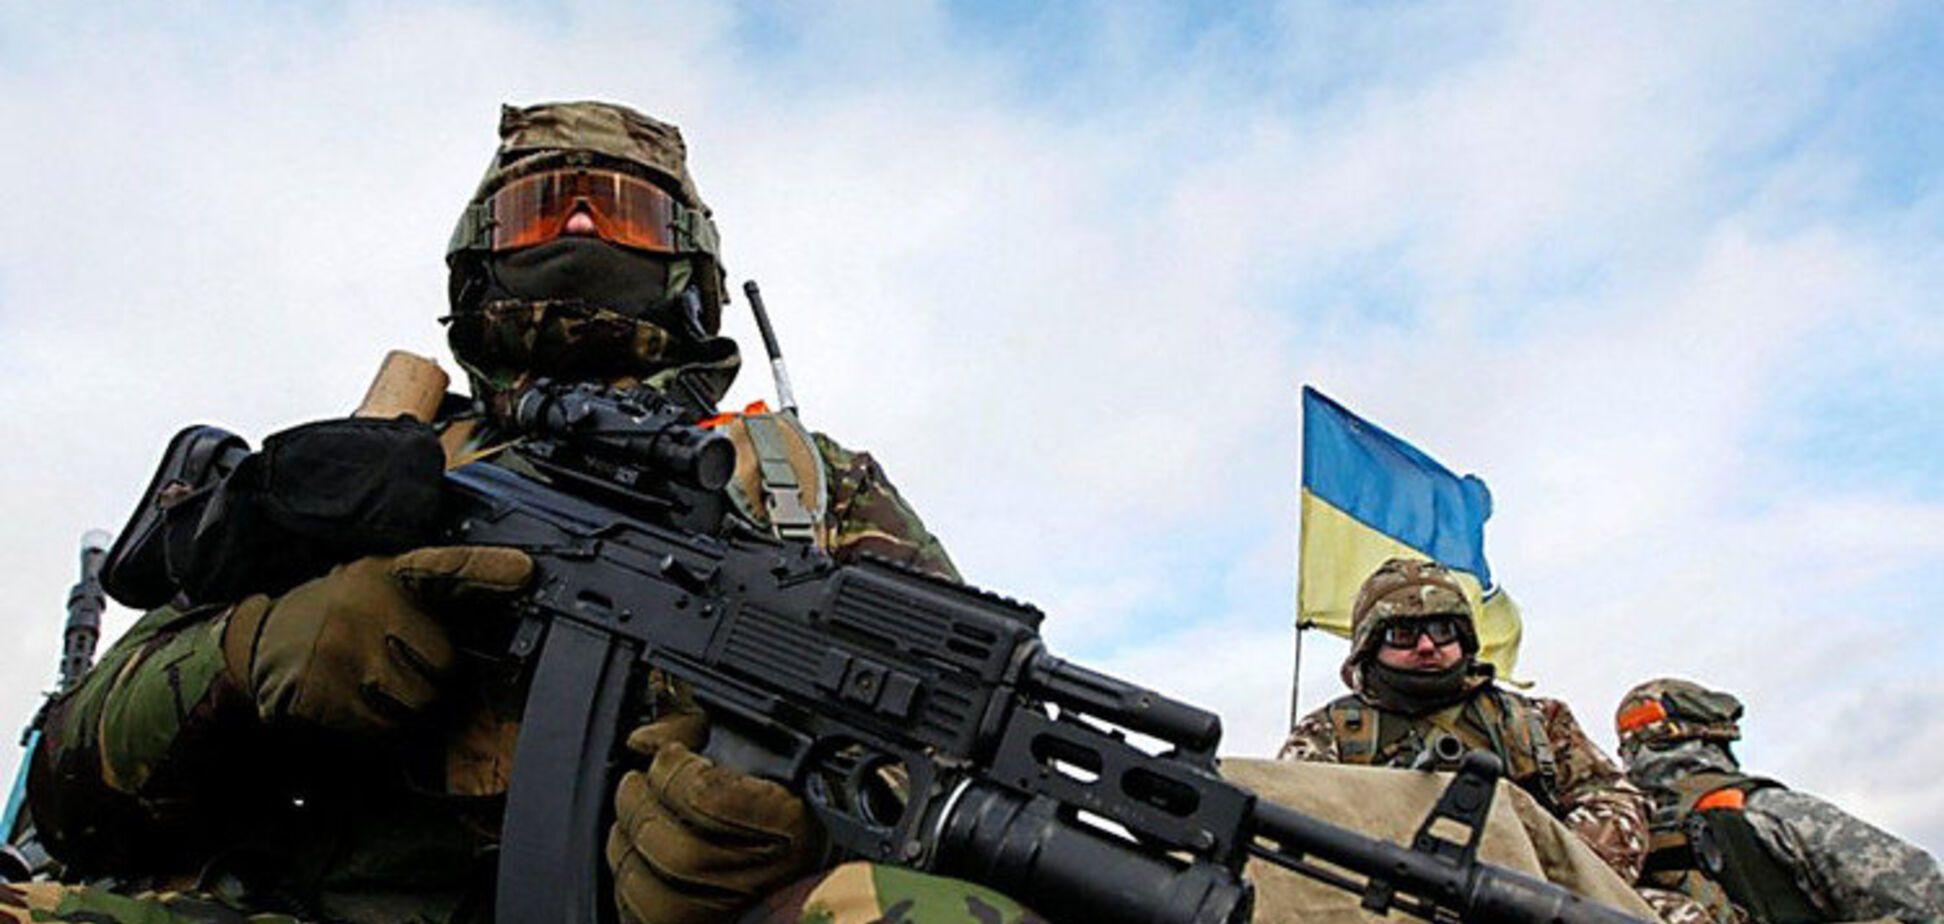 'Заспокоїли' противника: ВСУ розмістили на Донбасі нове озброєння